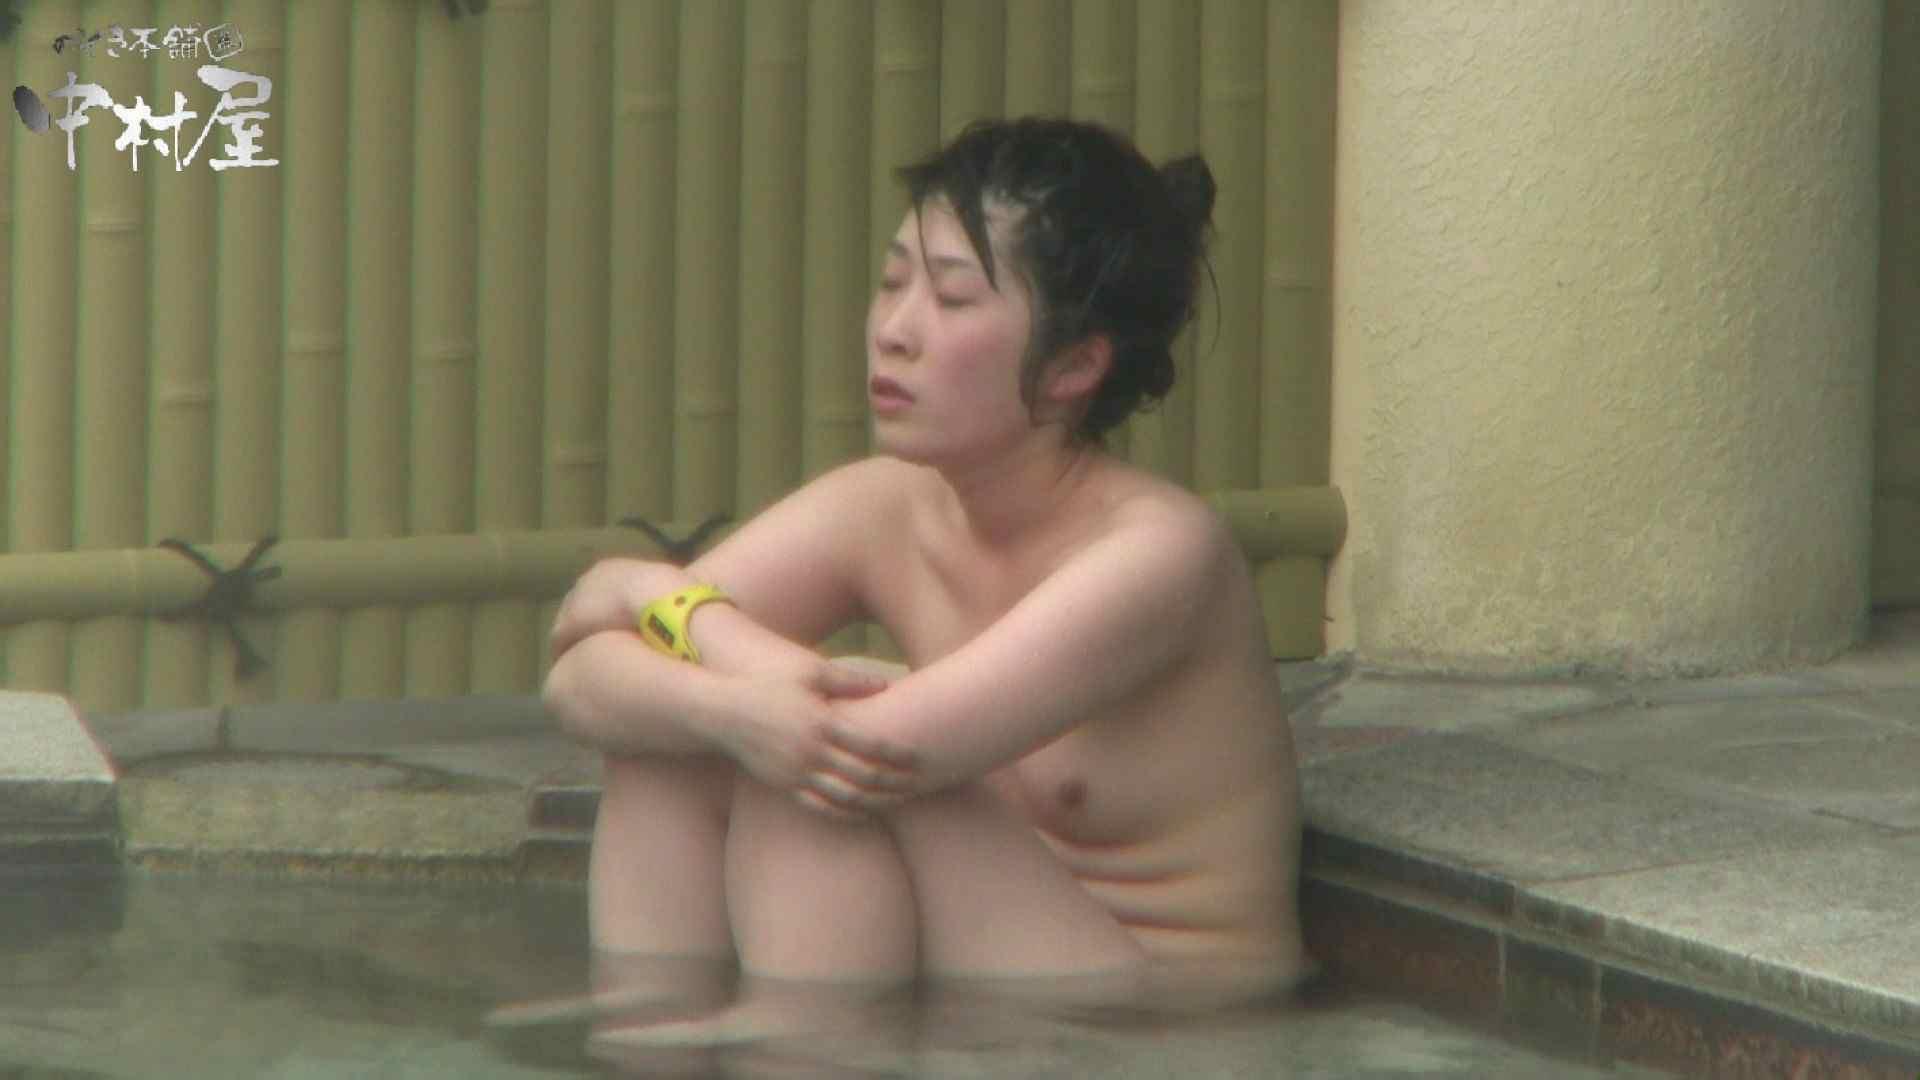 Aquaな露天風呂Vol.955 女体盗撮  74連発 45